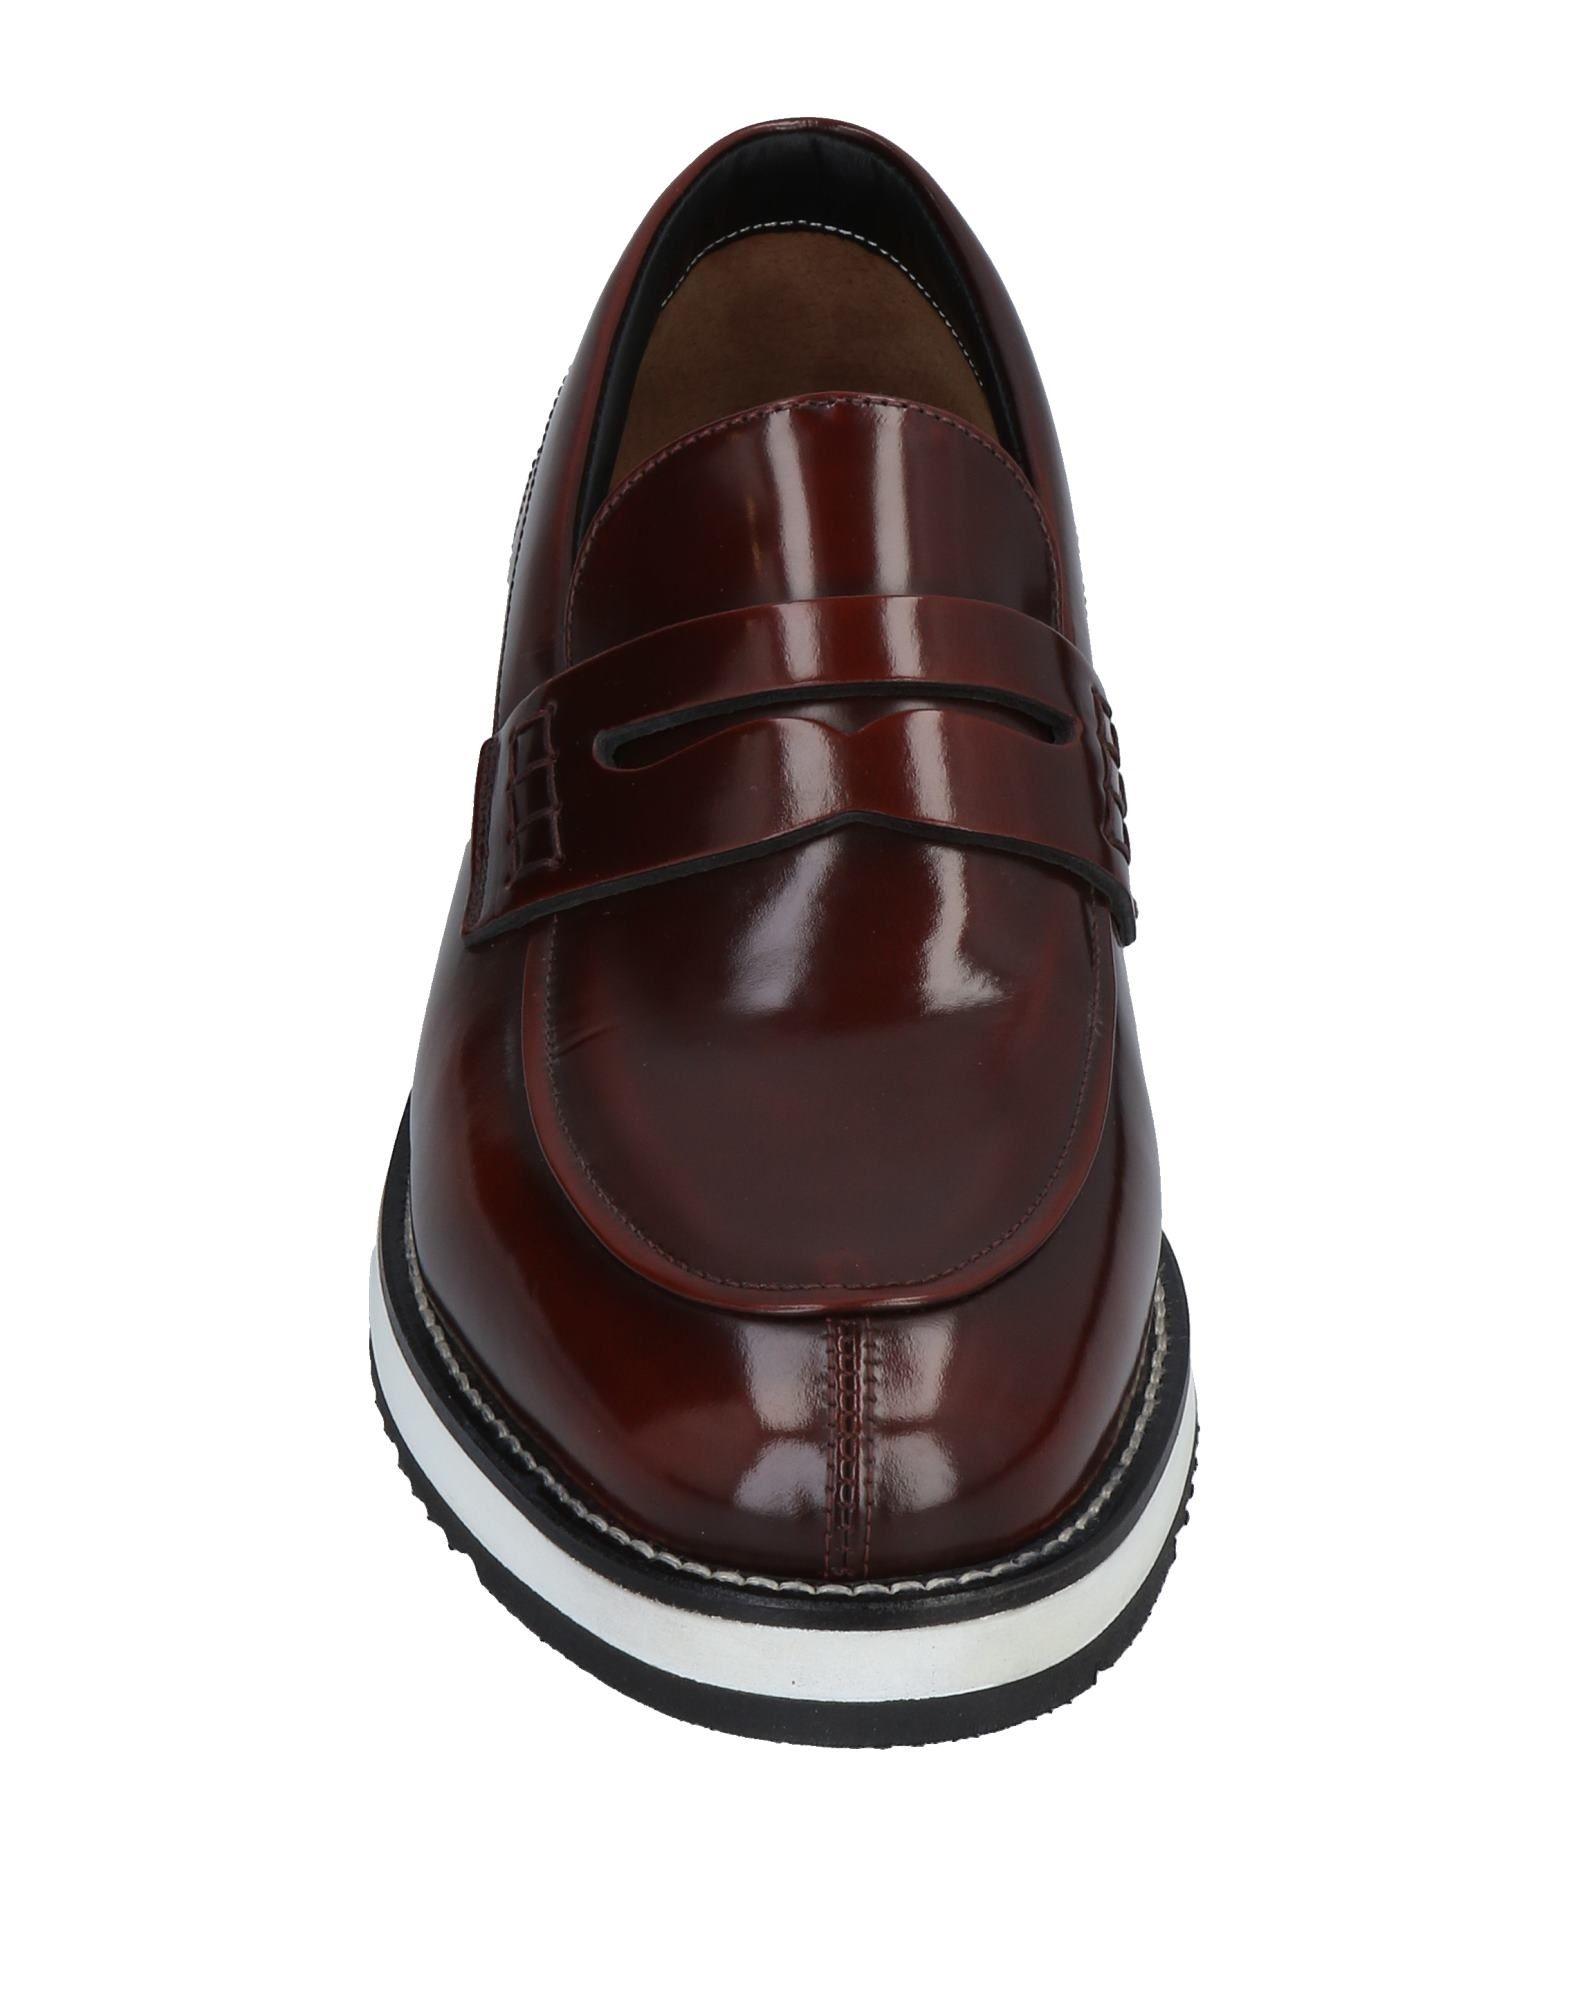 Barleycorn Mokassins Gute Herren  11478954HT Gute Mokassins Qualität beliebte Schuhe 8e1e3e